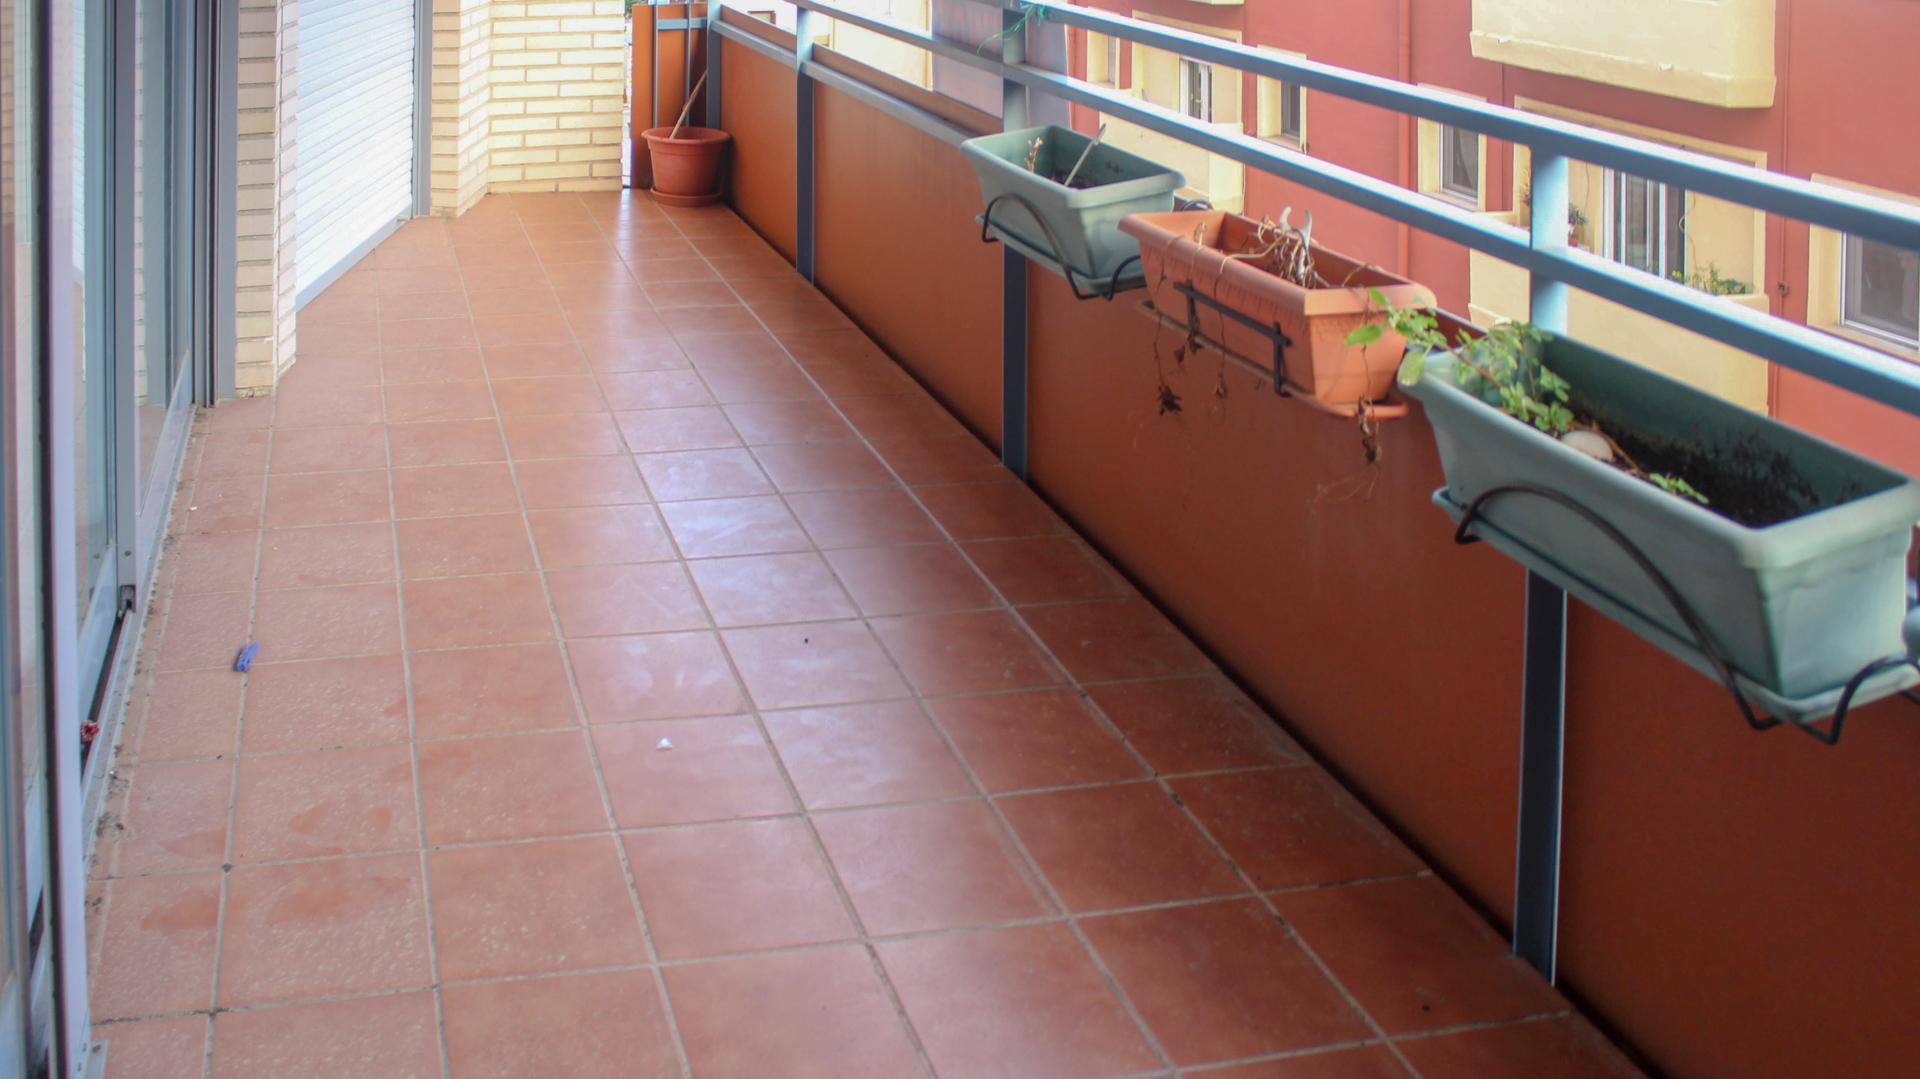 vitalcasa.sooprema-propiedades_5e14b15136272-source